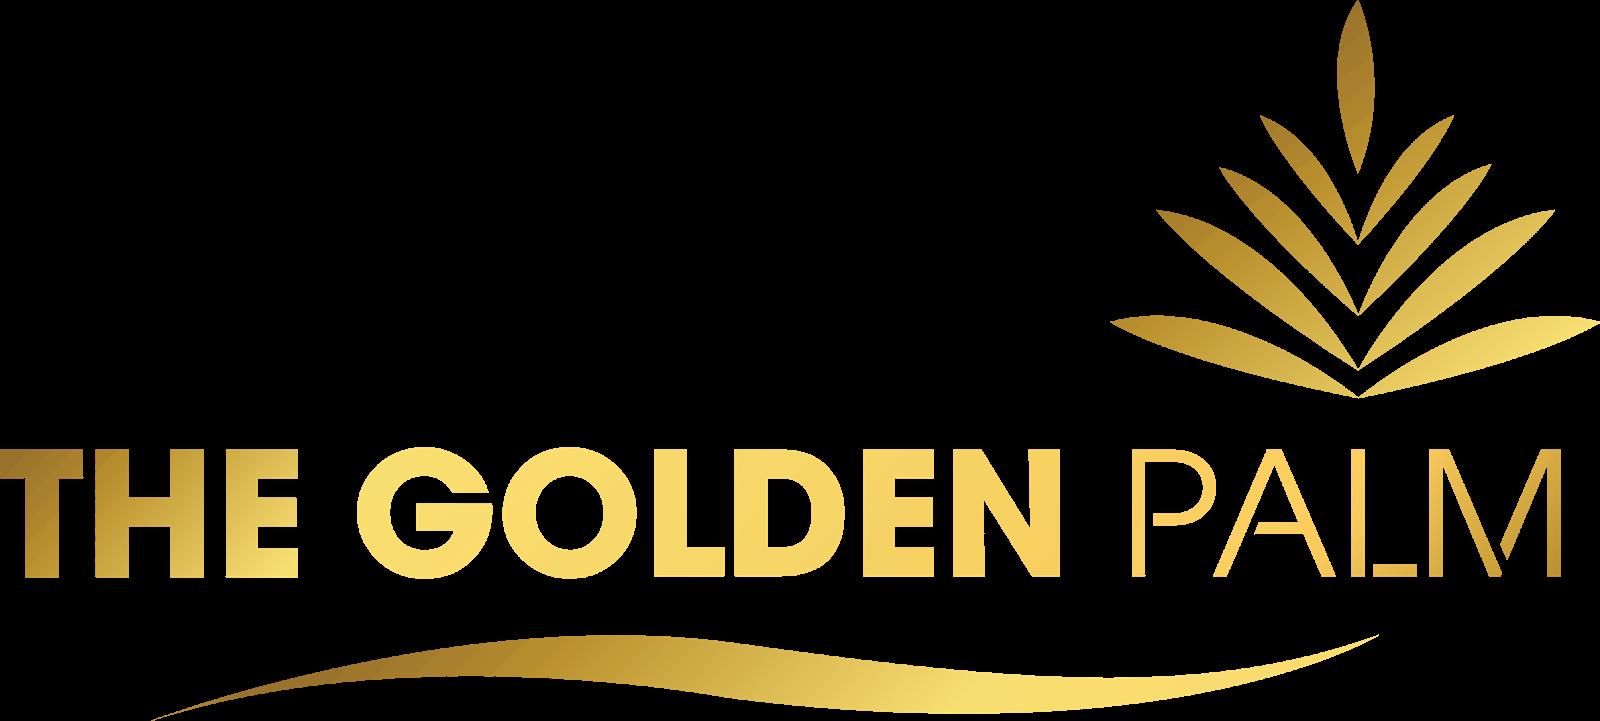 Chung cư The Golden Palm Lê Văn Lương CĐT HDI